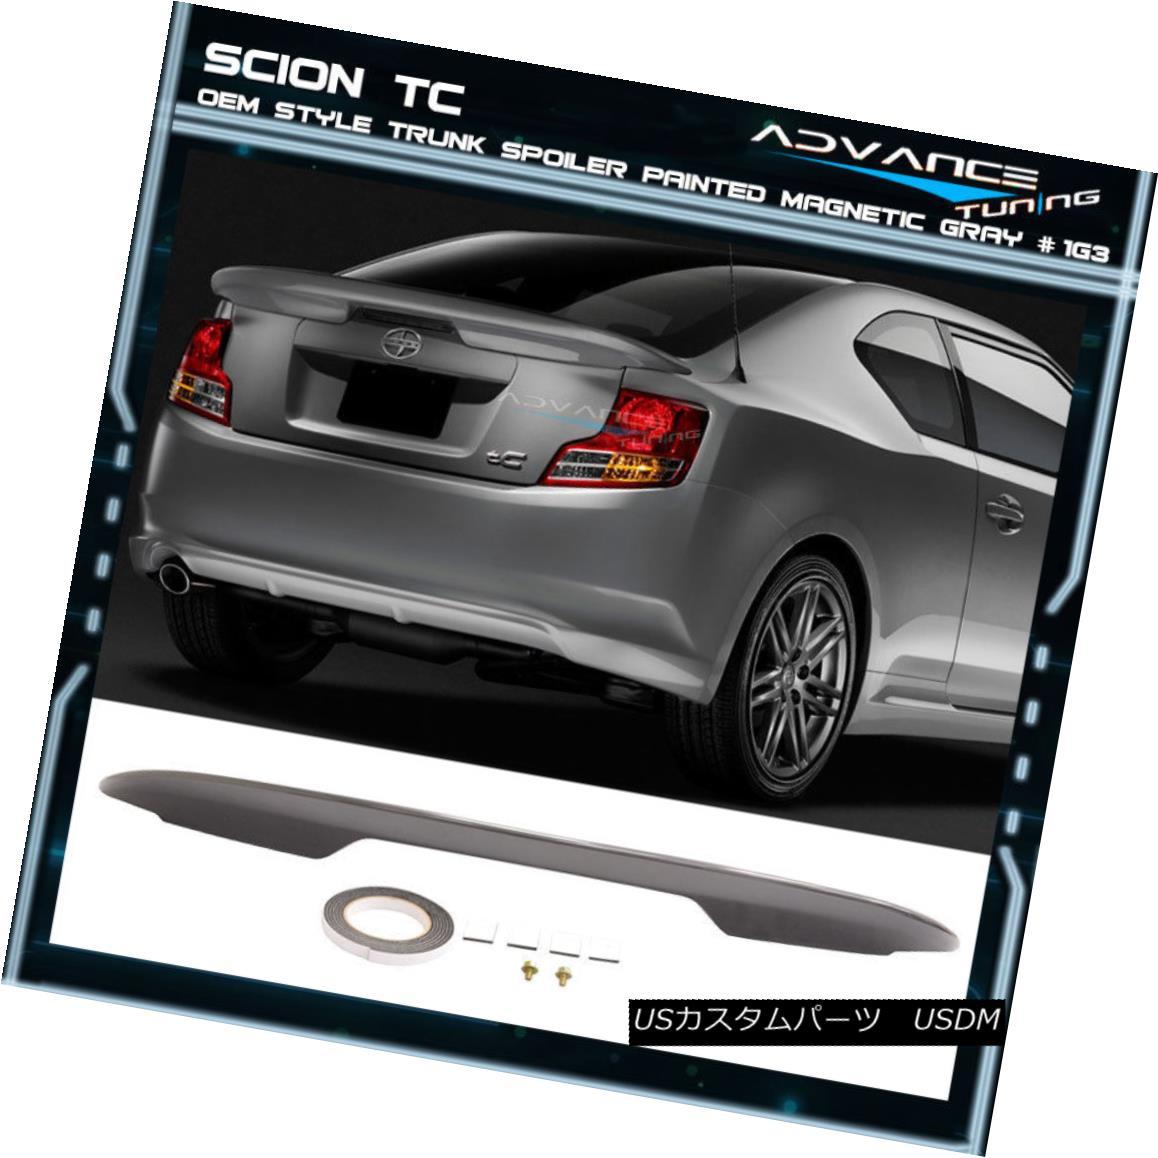 エアロパーツ Fits 11-16 Scion tC OE Trunk Spoiler OEM Painted Color Magnetic Gray # 1G3 フィット11-16シオンtC OEのトランク・スポイラーOEM塗装カラー磁気グレー#1G3